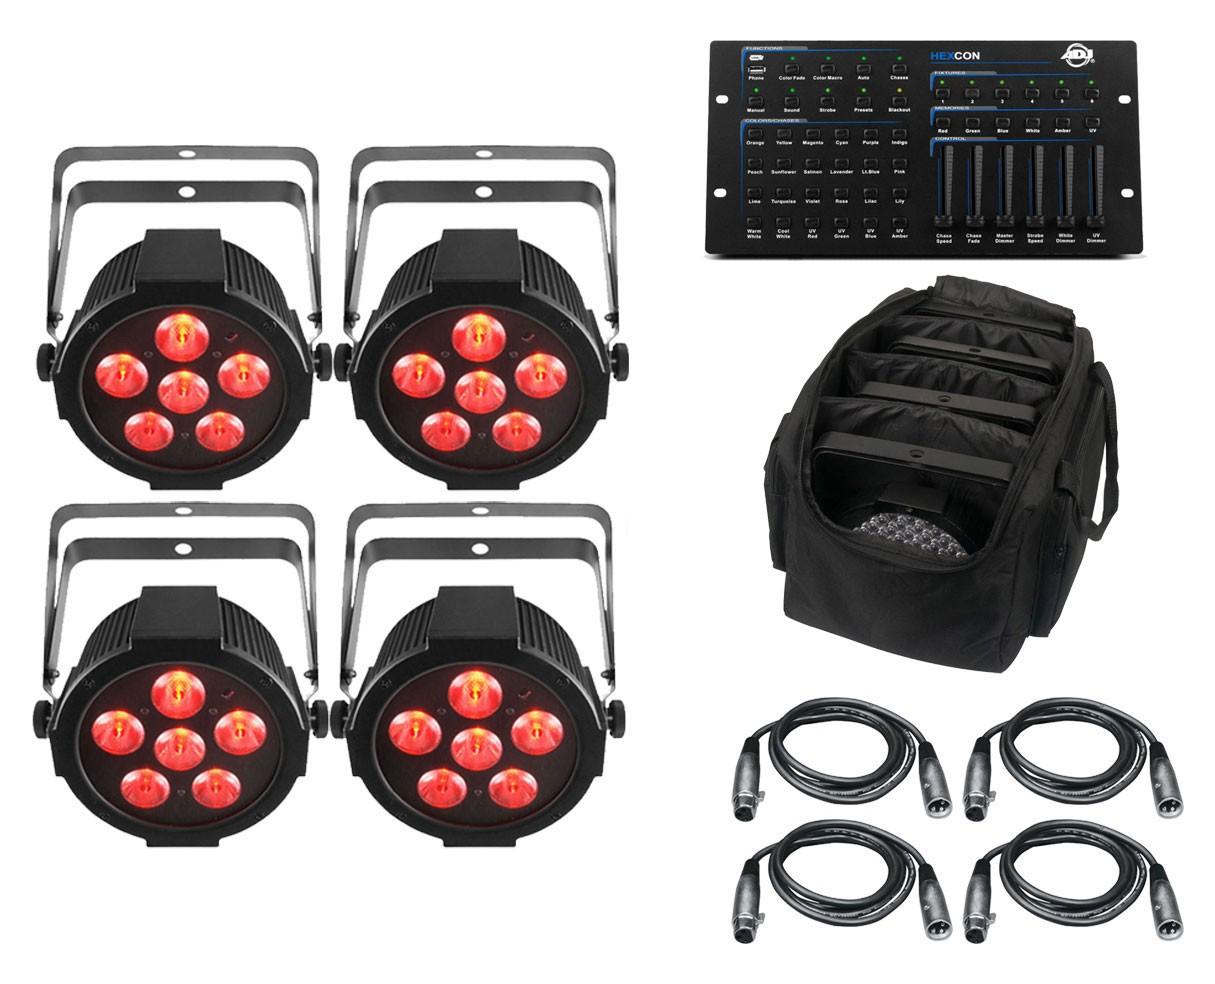 4x Chauvet SlimPAR H6 USB + ADJ Hexcon + Bag + Cables